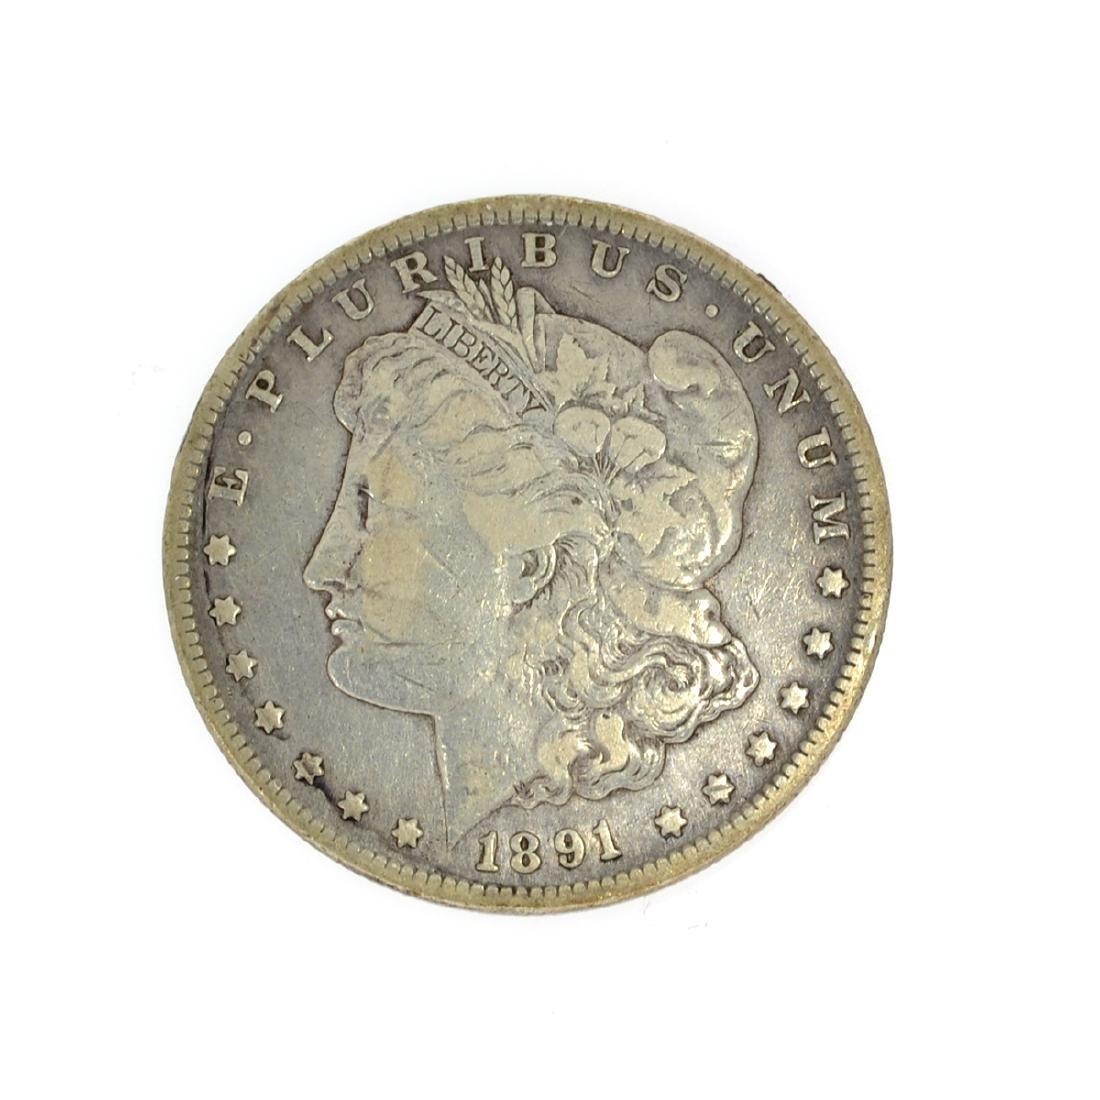 Rare 1891-CC Morgan Dollar Coin